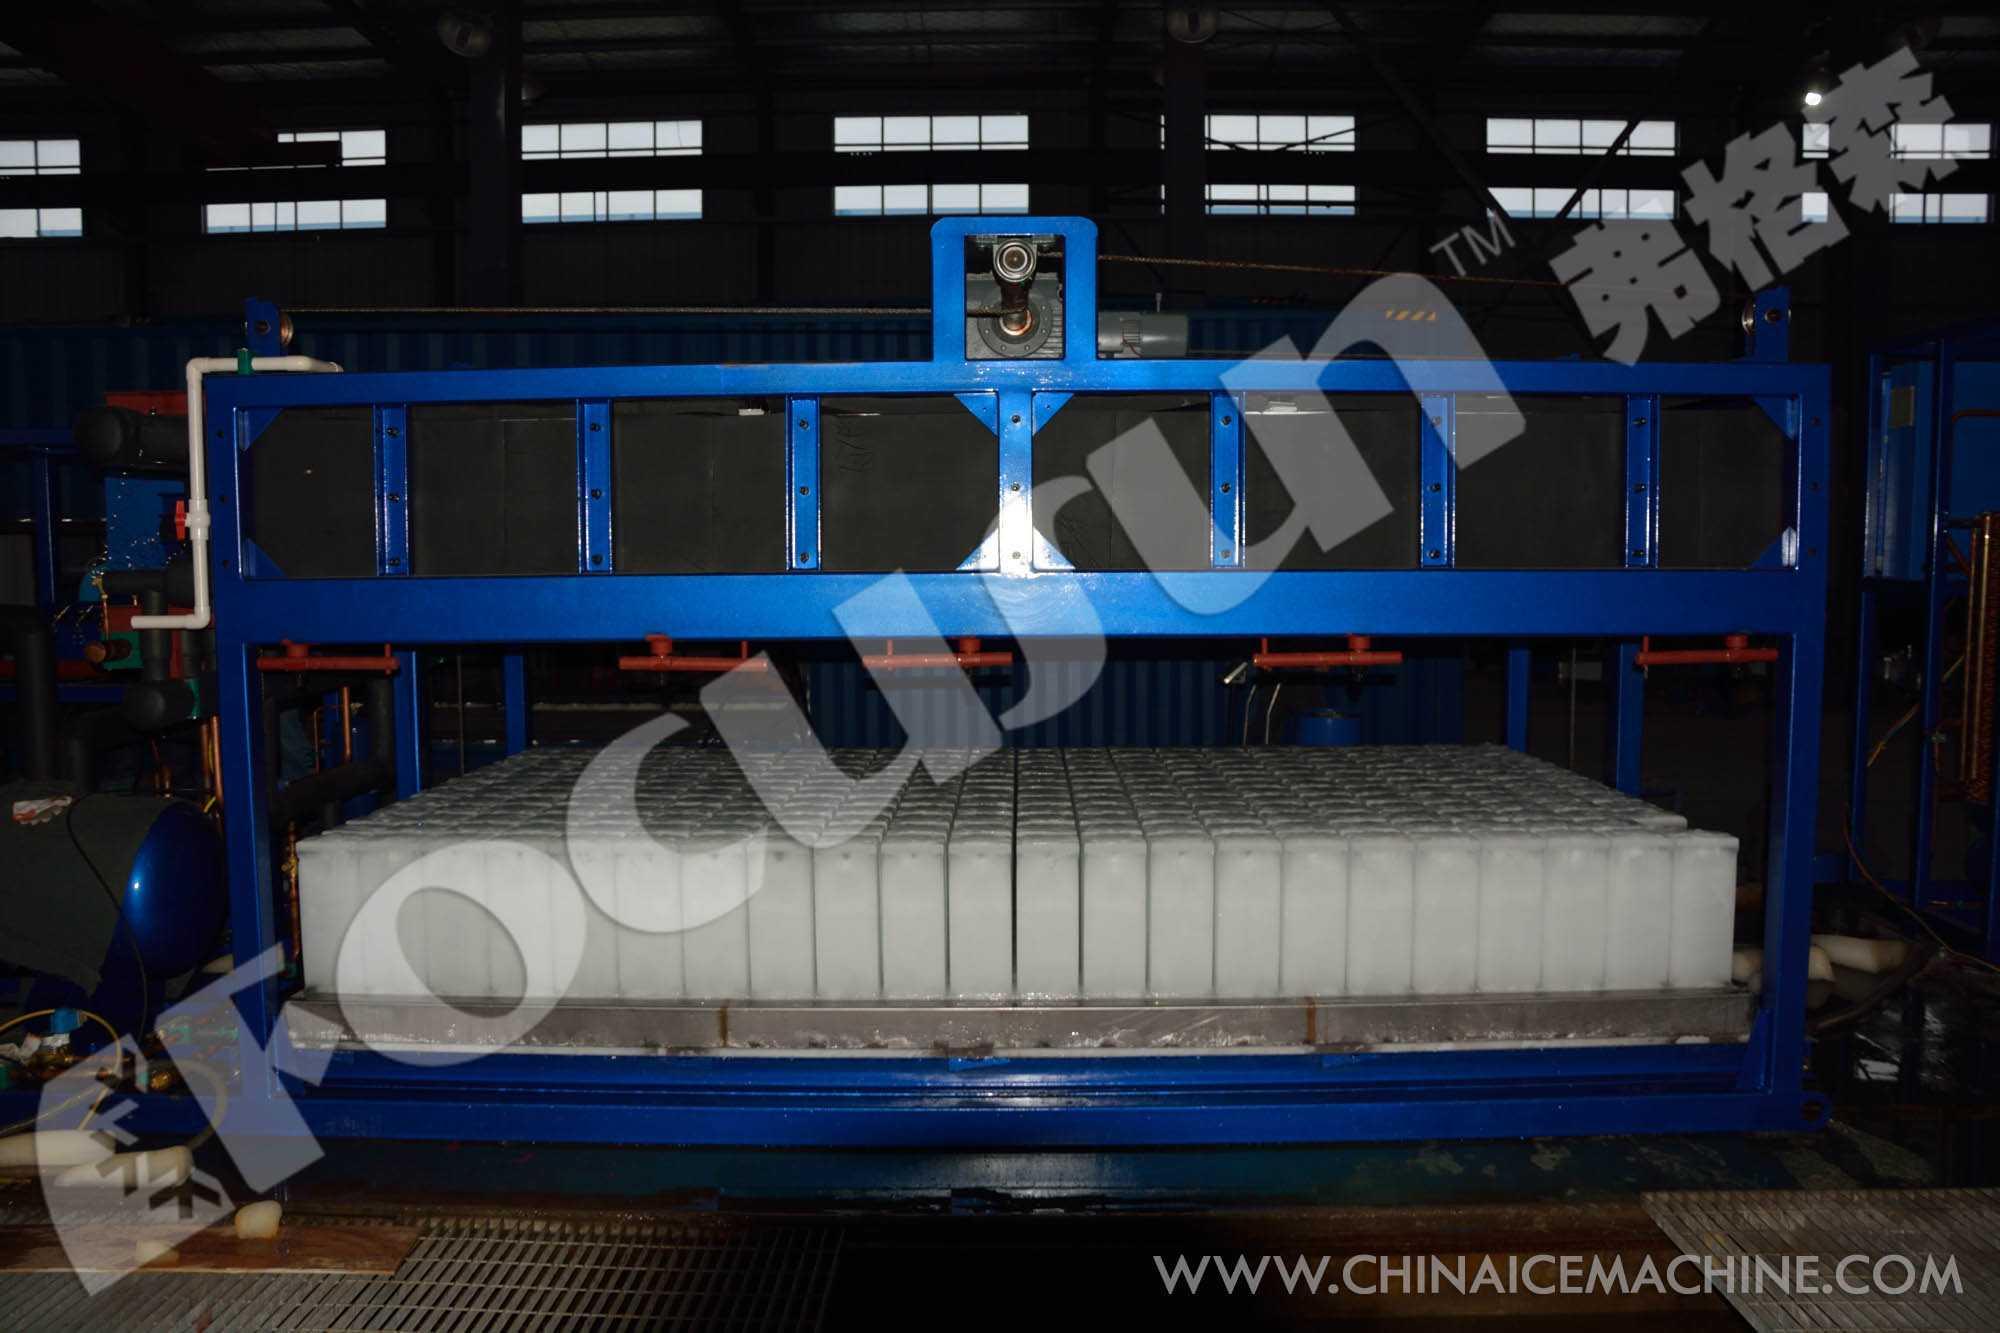 弗格森日产5吨直冷式块冰机_弗格森制冰机_新浪博客